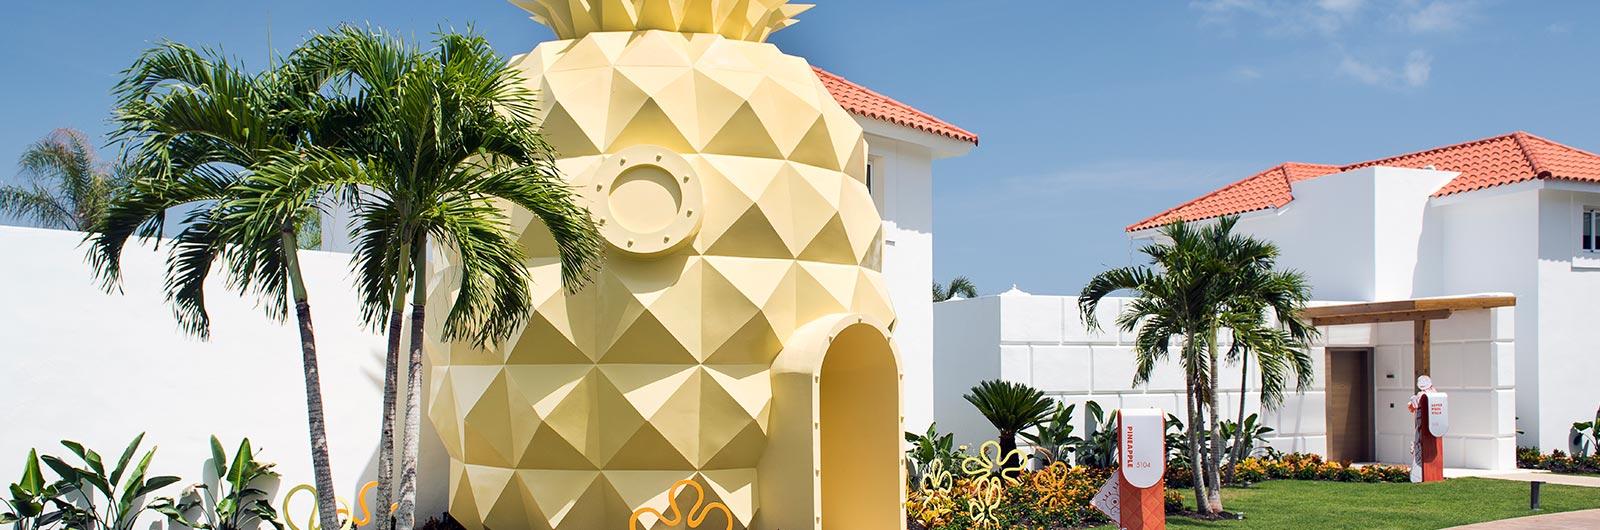 Fonte: nick resort punta cana